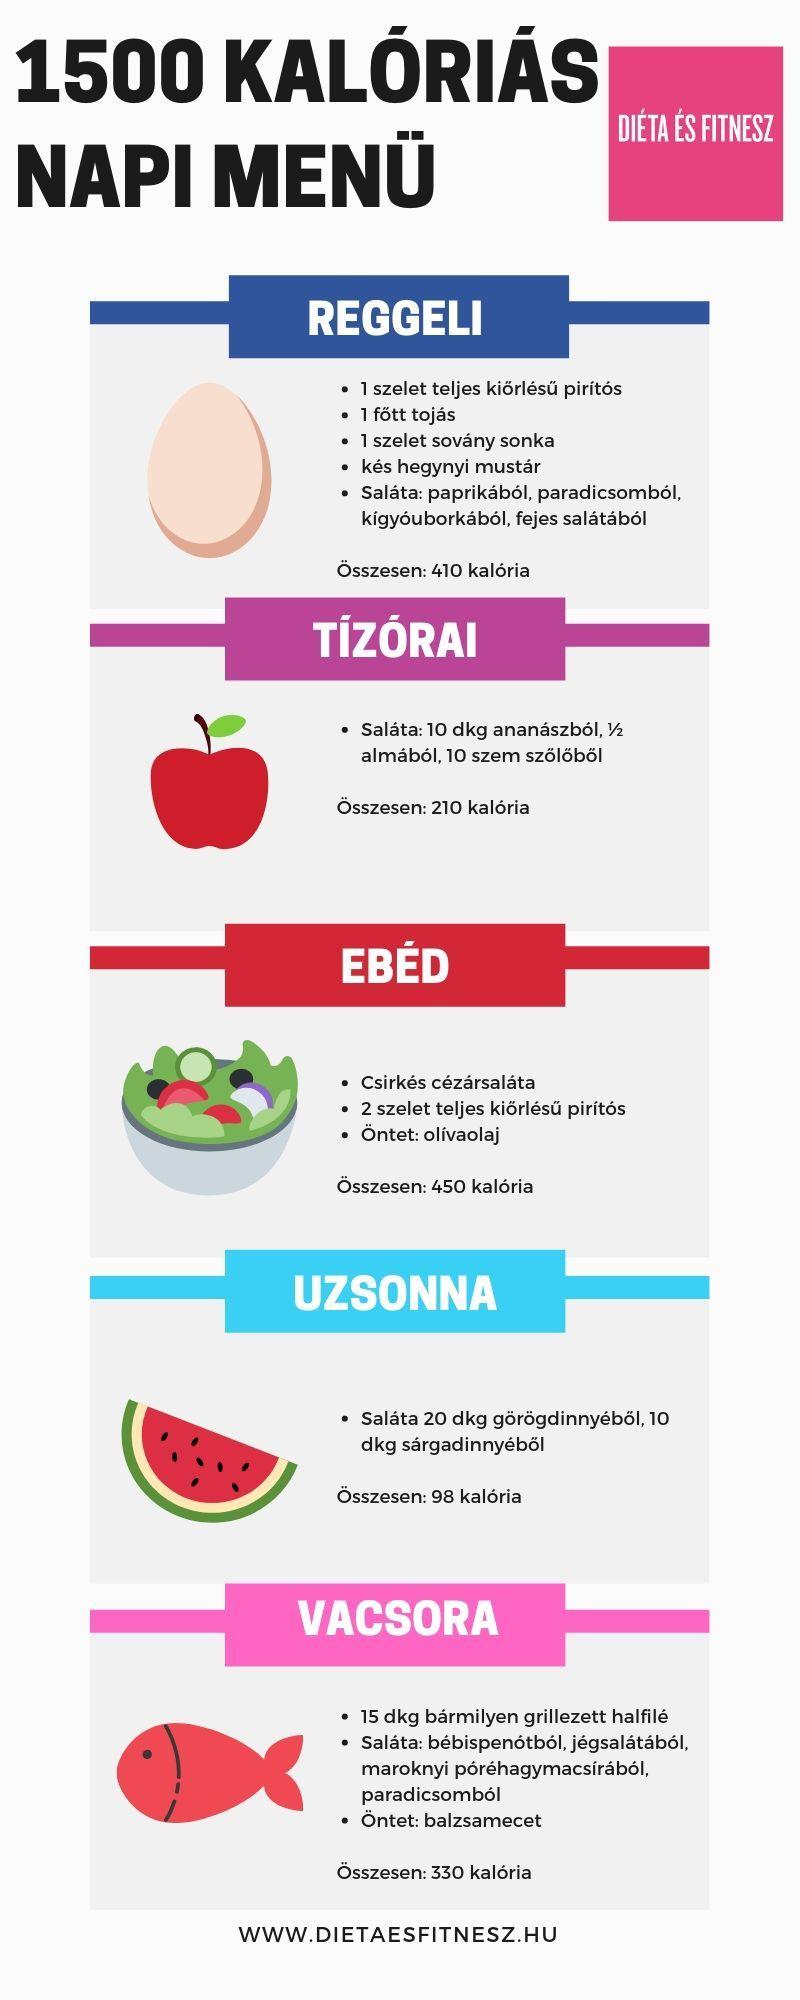 Diétás szabályok cukorbetegség esetén